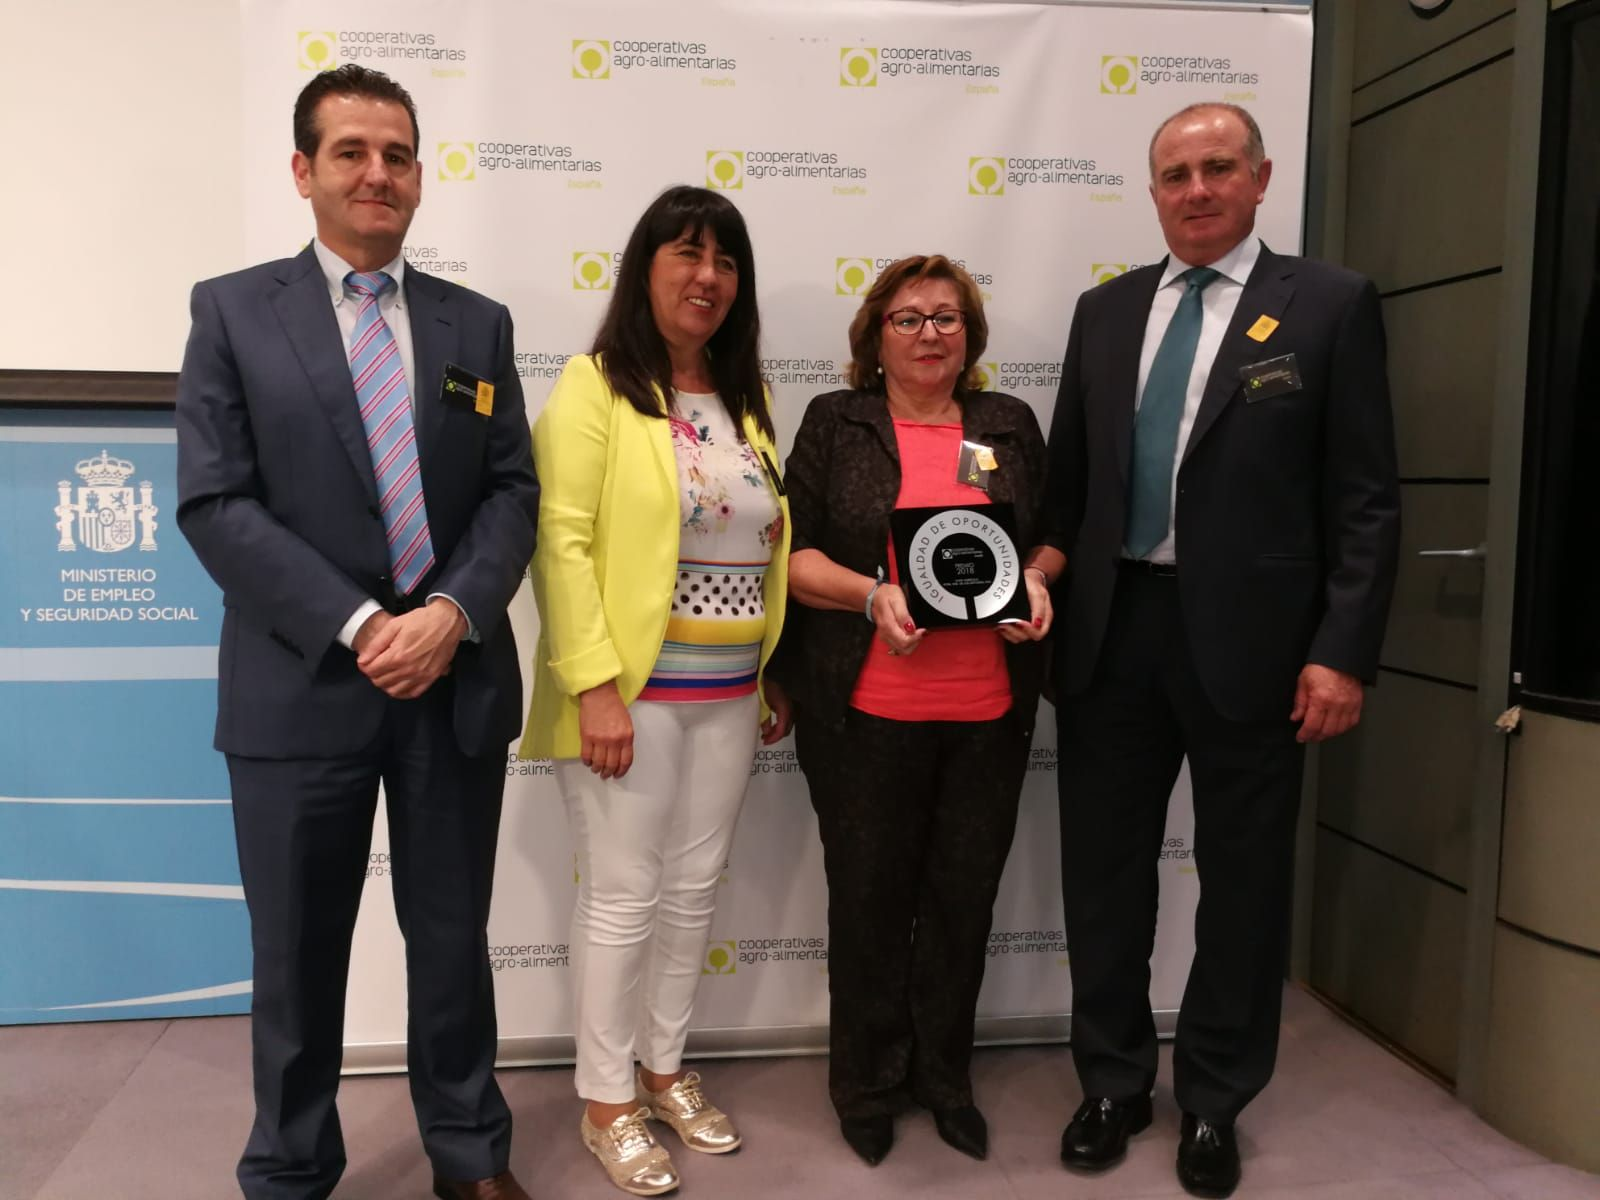 premios coopertivas Representantes de la cooperativa las virtudes